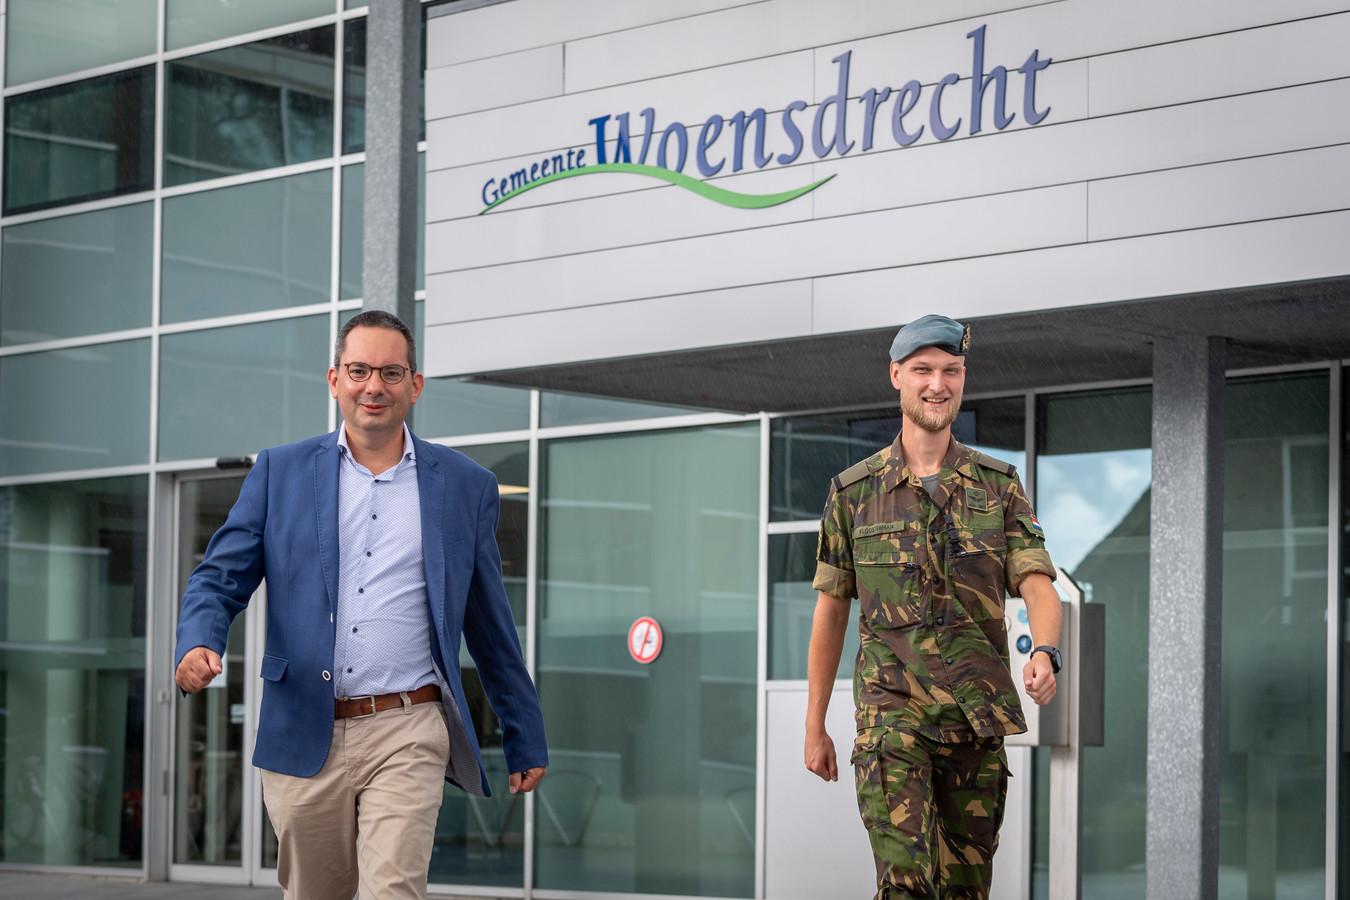 Net als vorig jaar loopt burgemeester Steven Adriaansen van Woensdrecht (l) deze week mee in een alternatieve tocht voor de Nijmeegse Vierdaagse. Hij roept alle inwoners op om te genieten van de zomer, maar alert te blijven op corona.